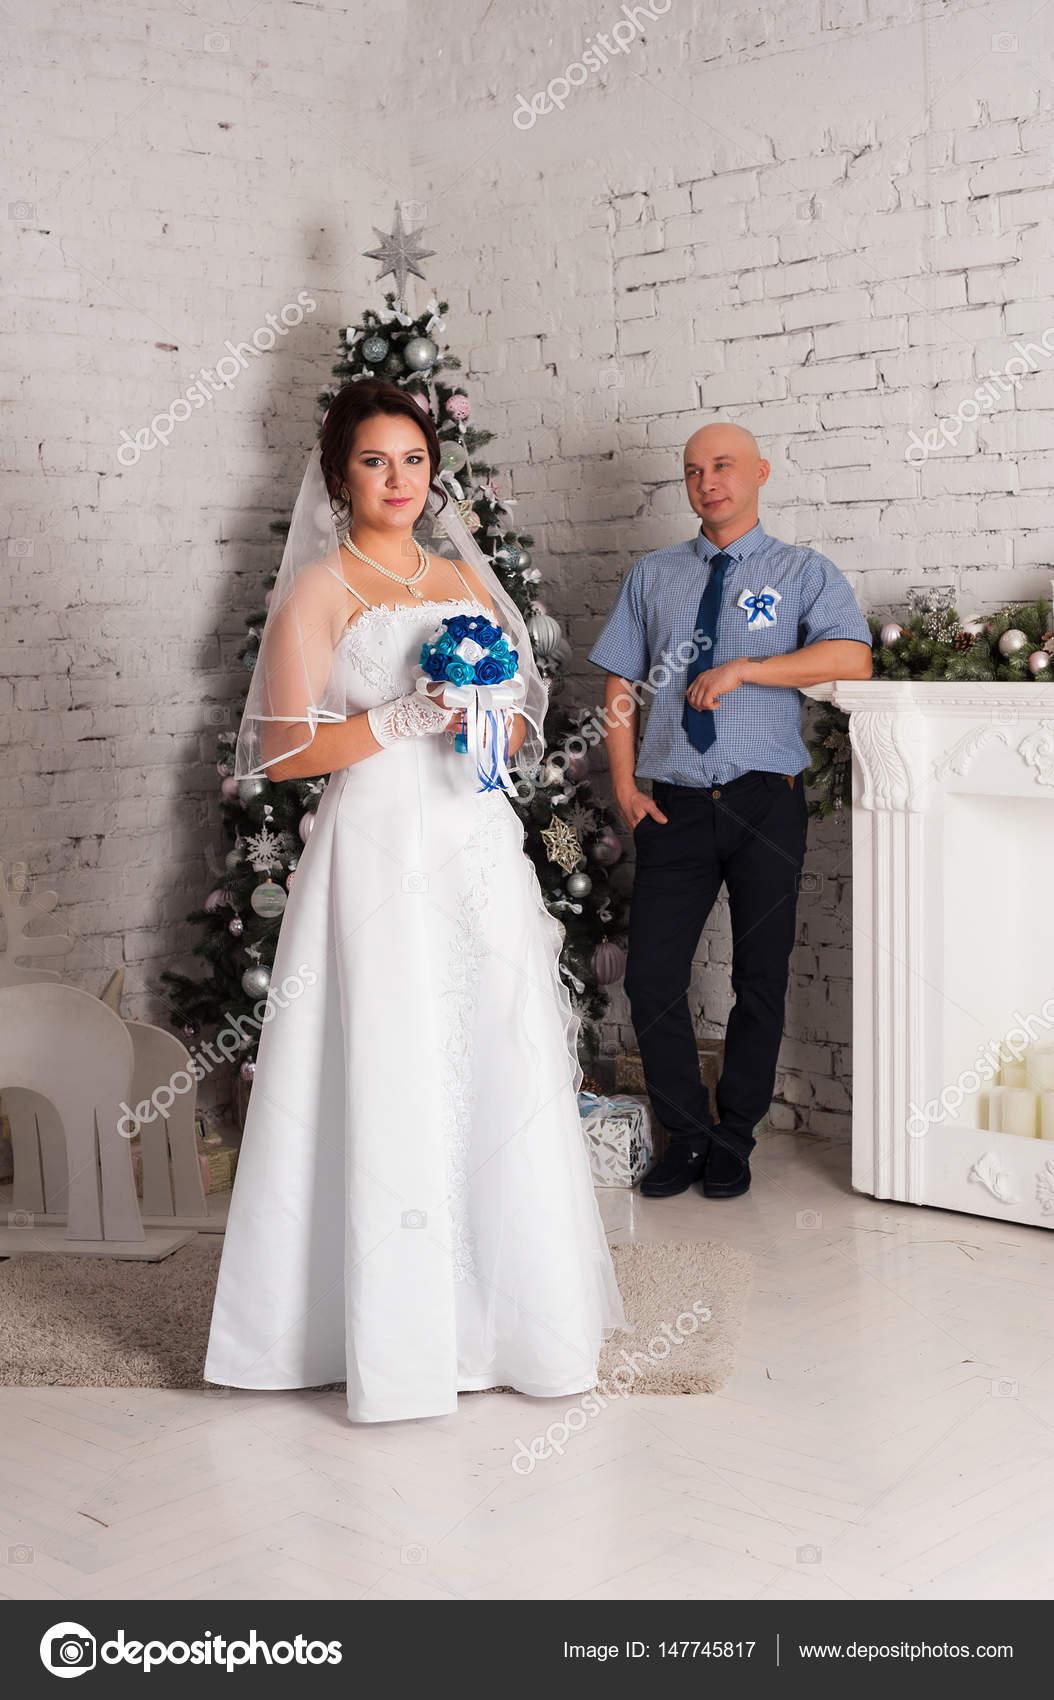 Imágenes Parejas Casandose En La Playa Joven Pareja Casándose Y